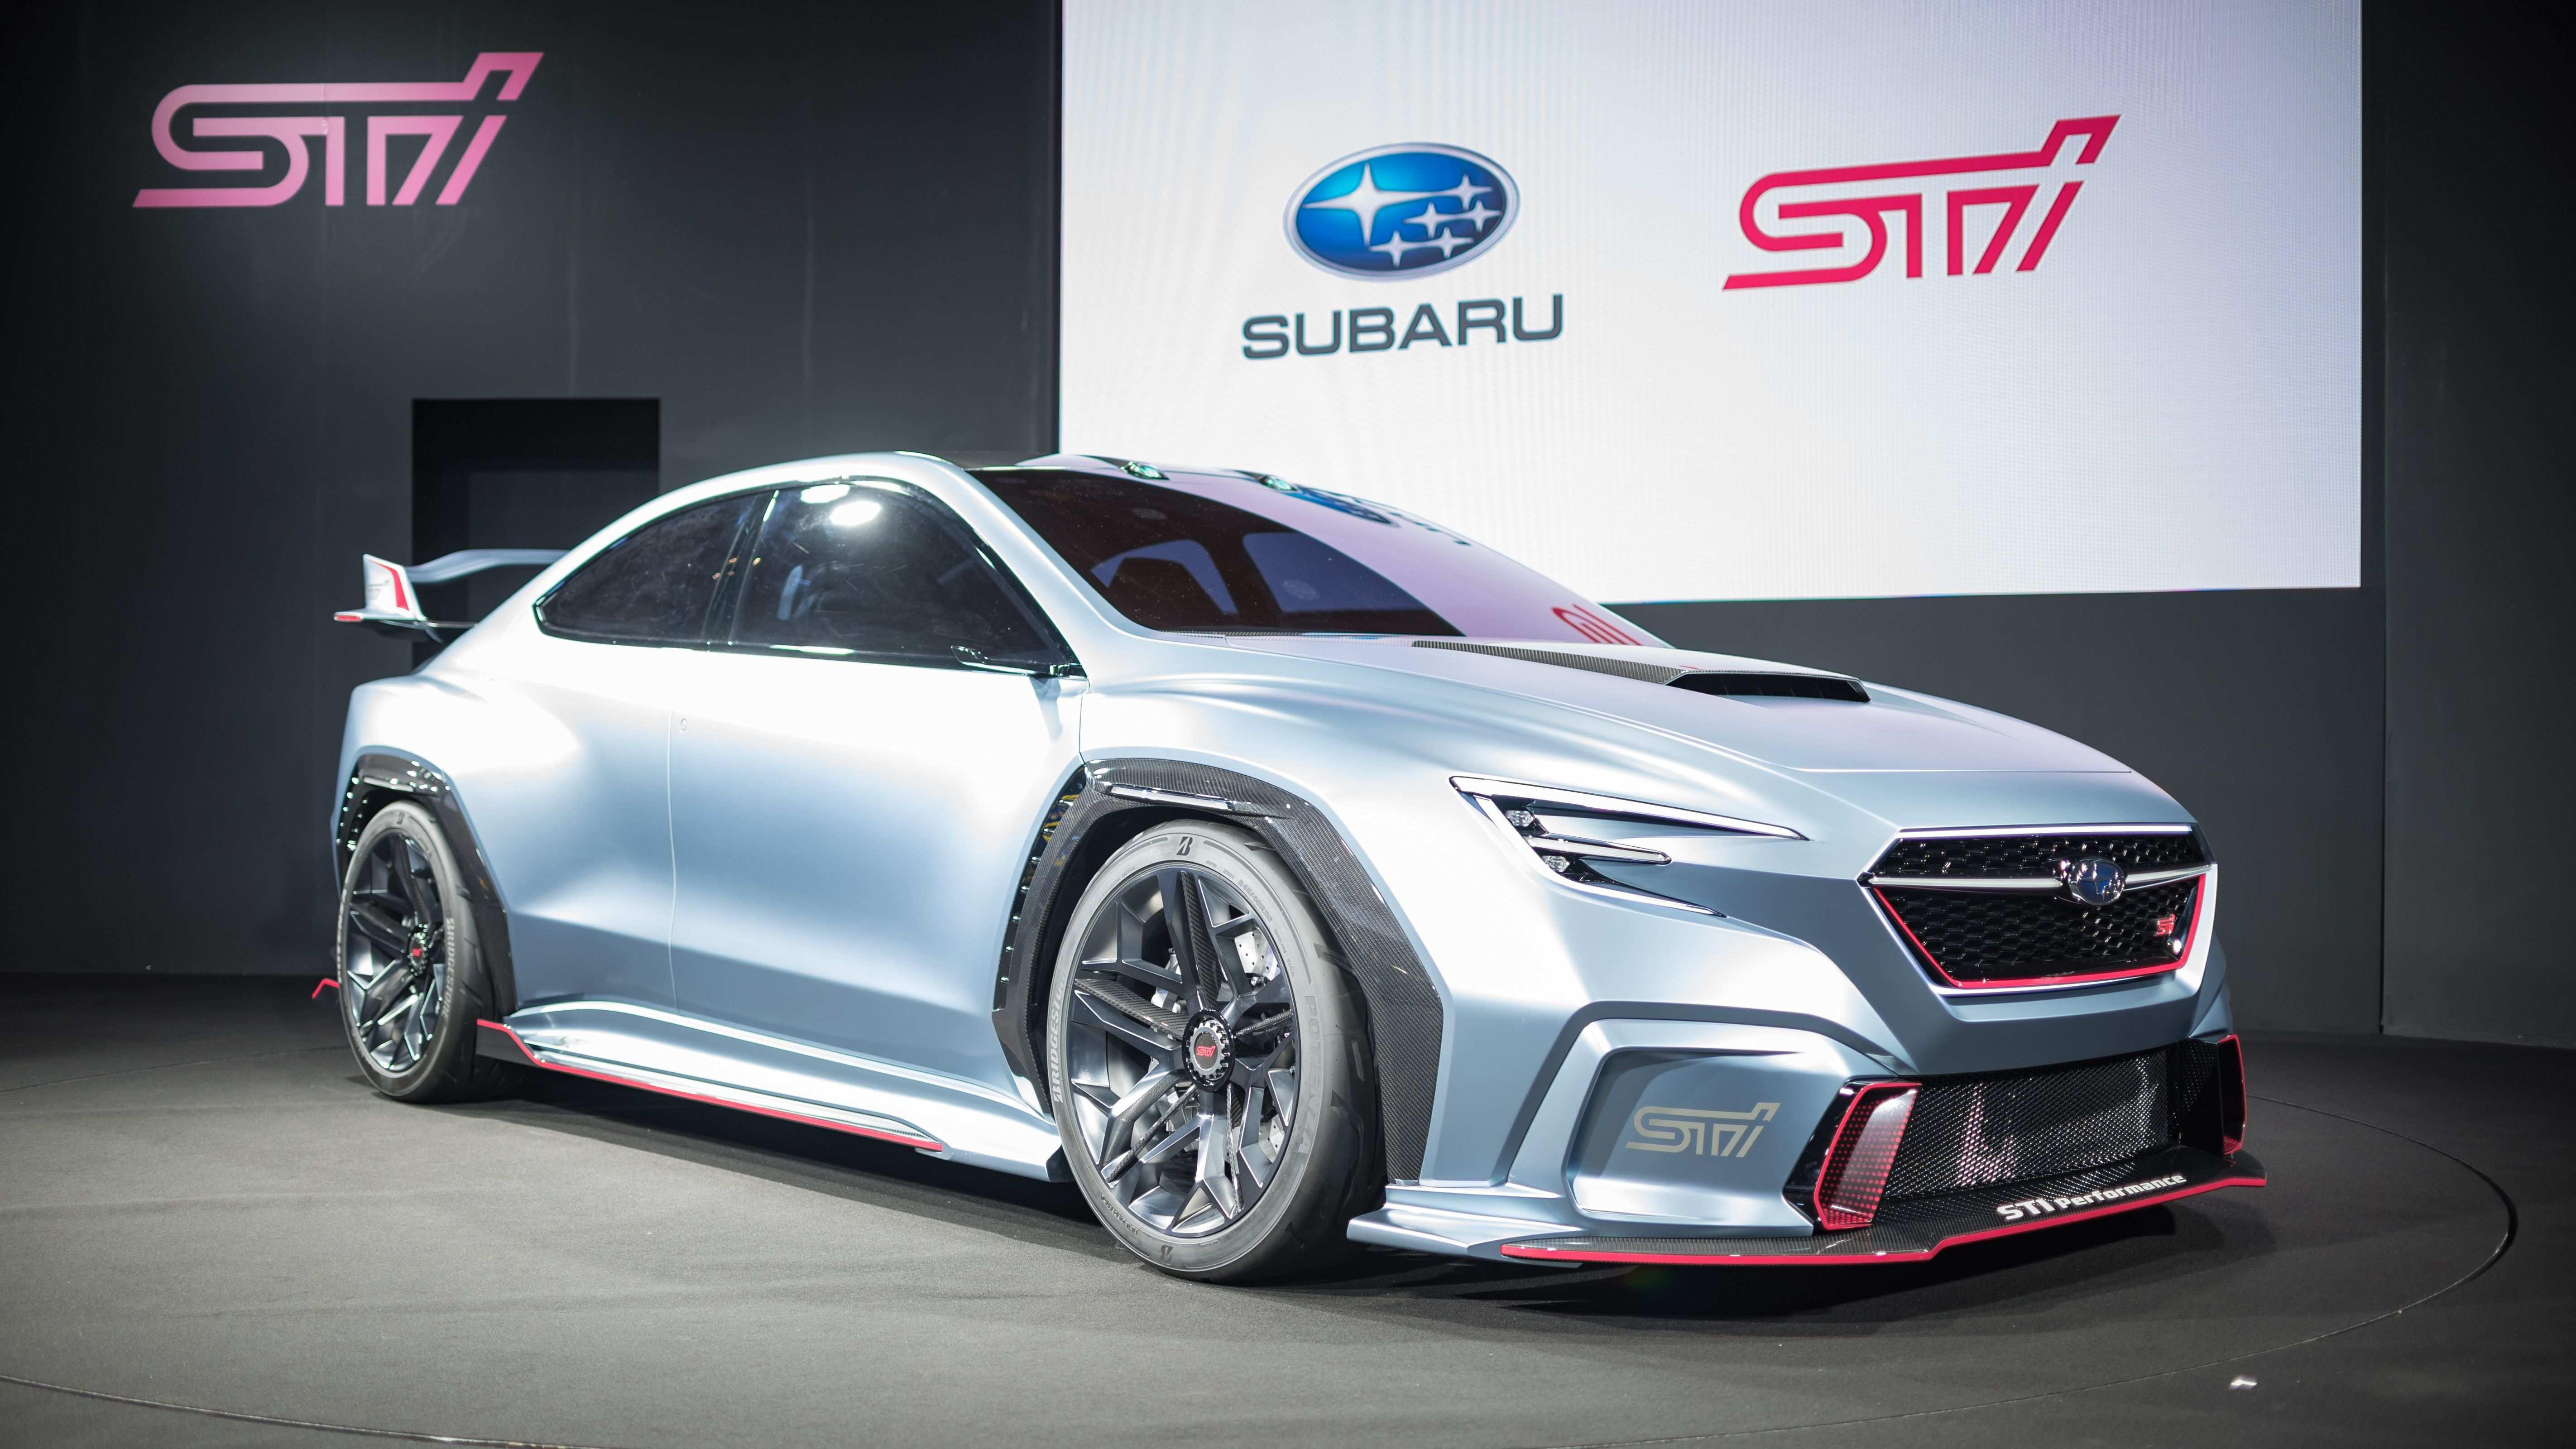 43 Great Subaru Sti 2020 Concept Specs with Subaru Sti 2020 Concept